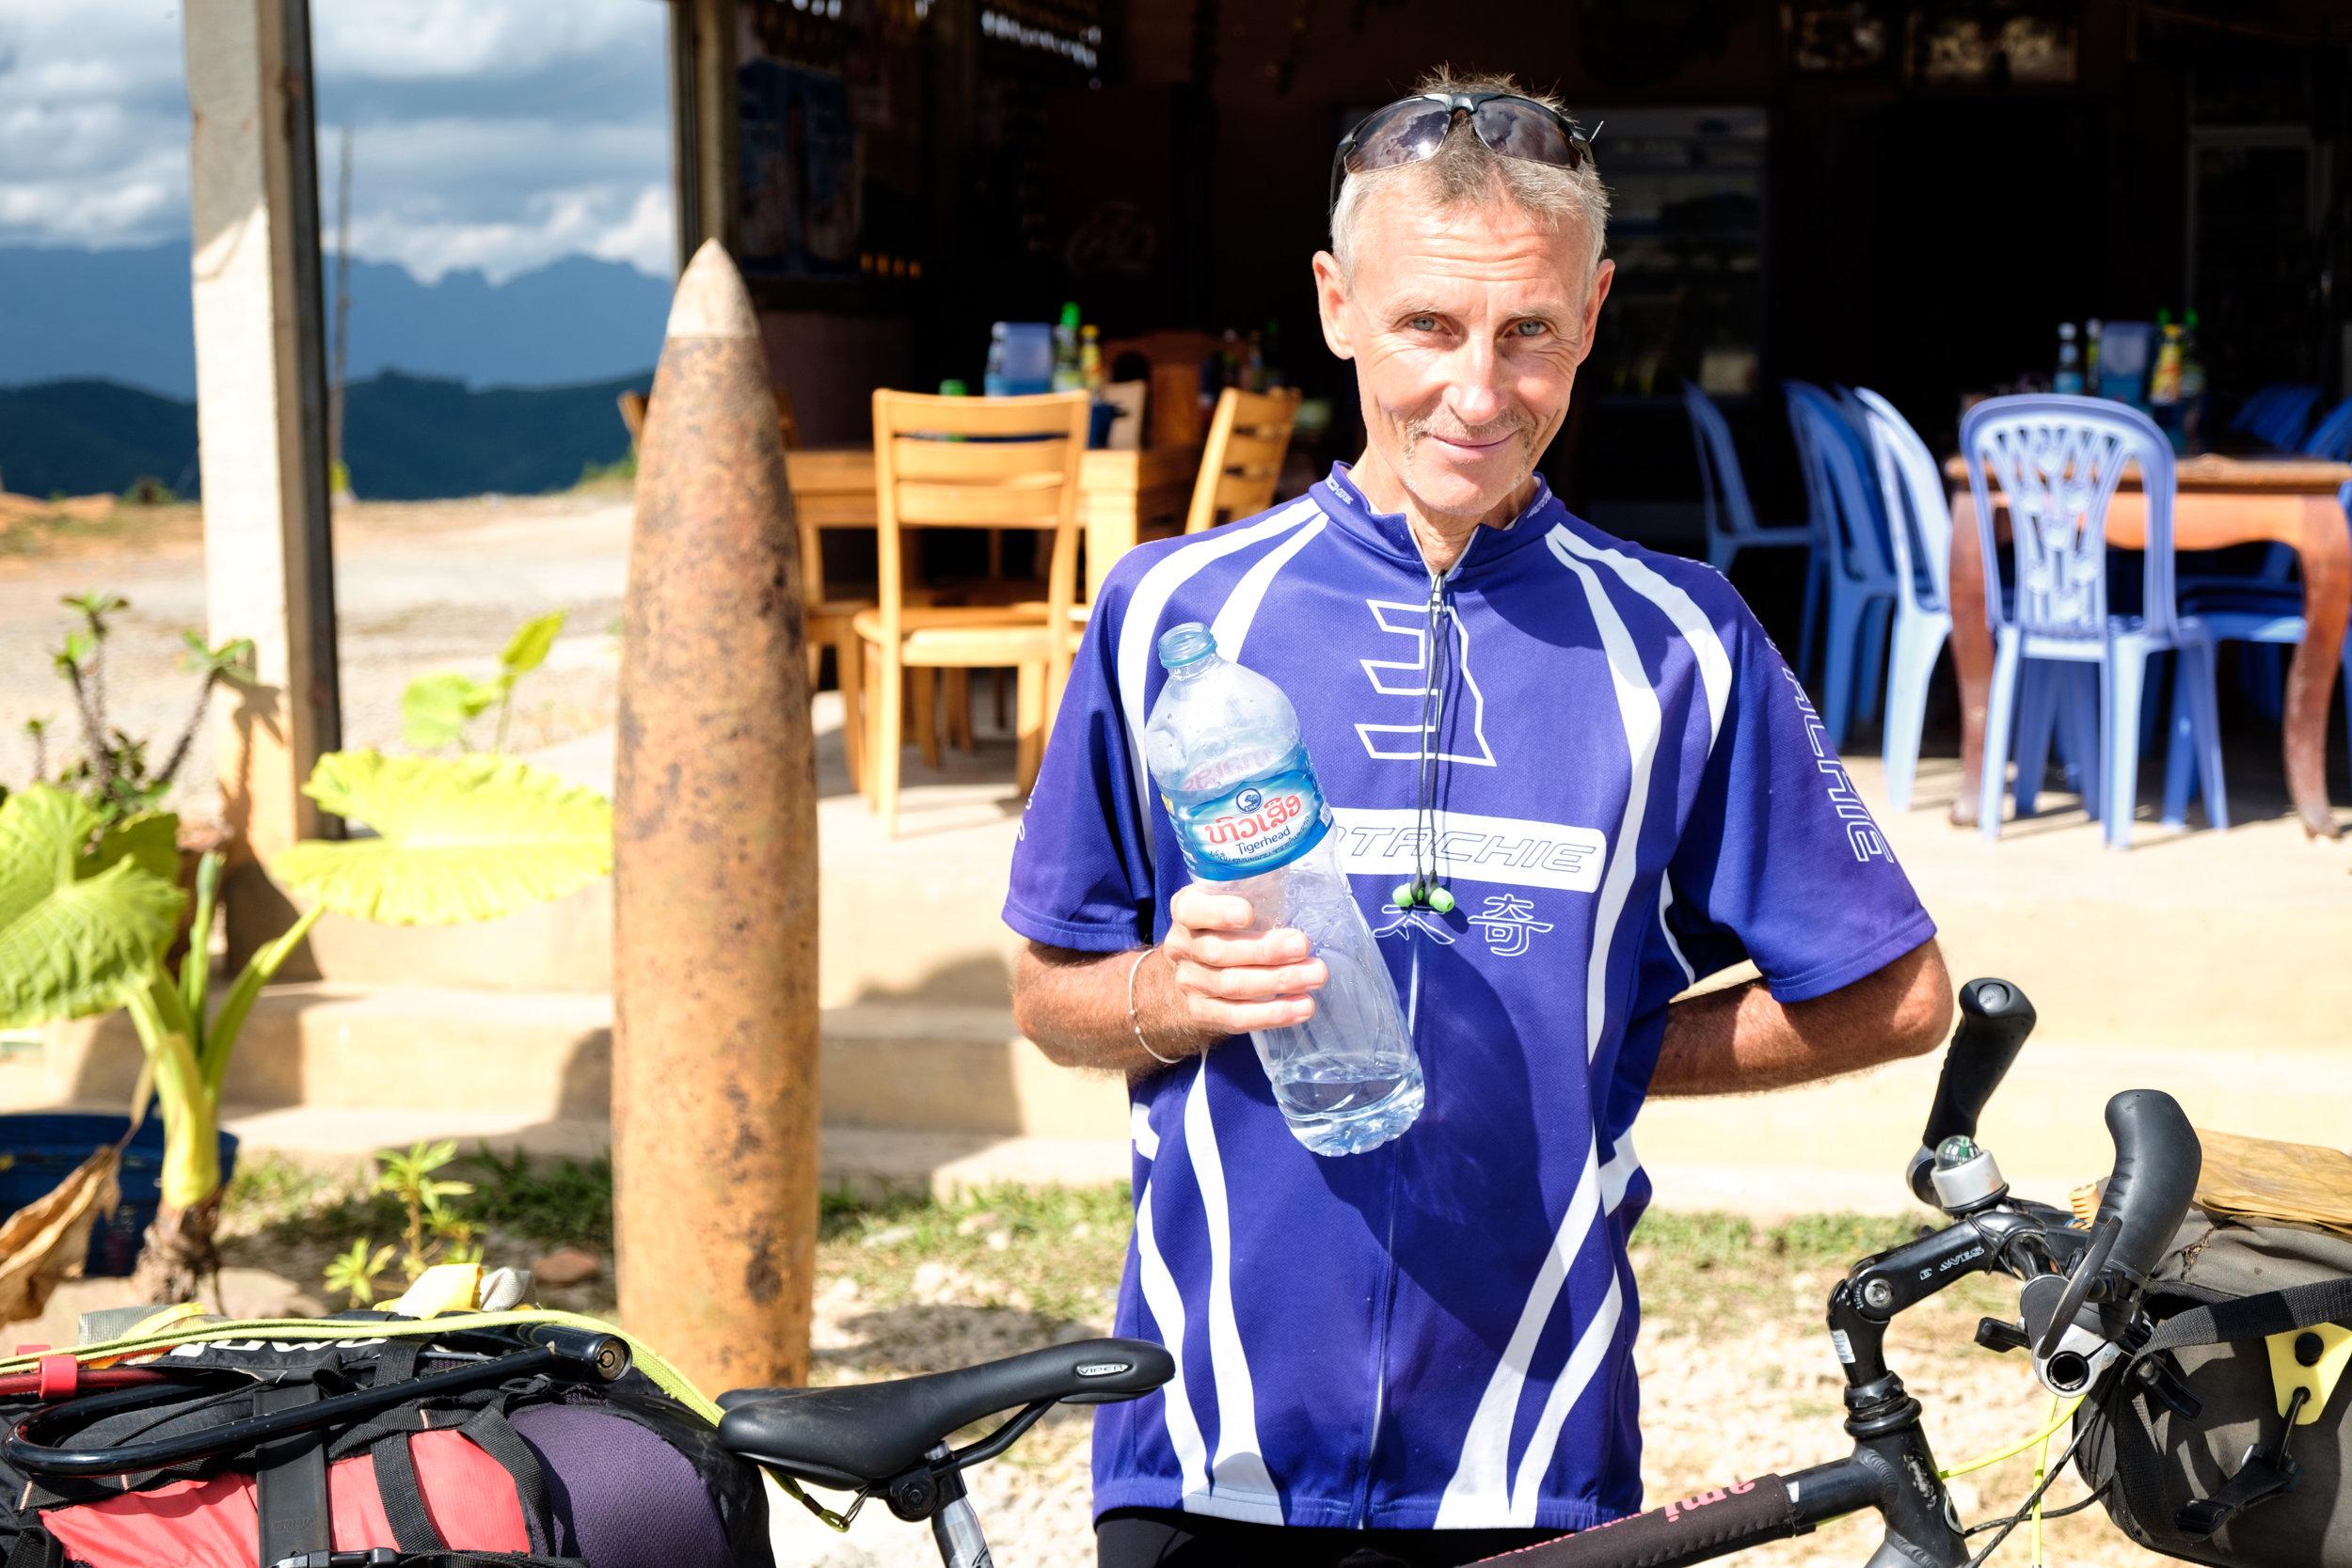 Tim, un cycliste britannique rencontré plus loin dans les montagnes. On aperçoit un vieil obus à l'arrière servant de décoration à un restaurant.